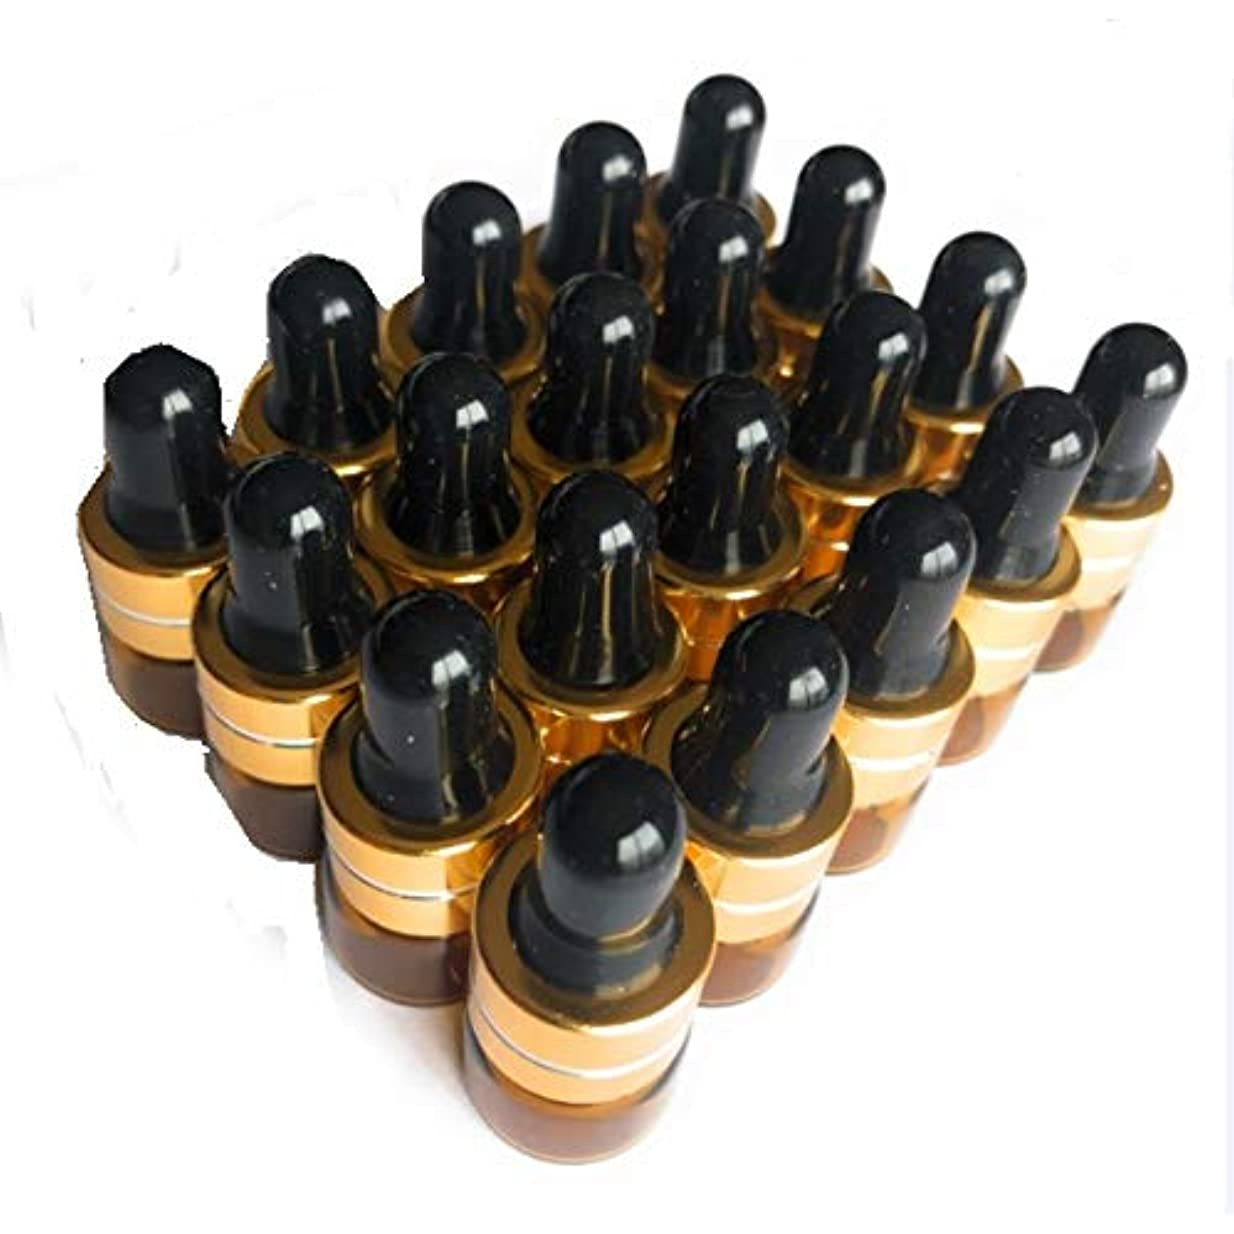 弁護士ロッカーここにits 遮光瓶 アロマオイル 精油 小分け用 ガラス製 保存容器 茶色 (20本 セット 1ml)